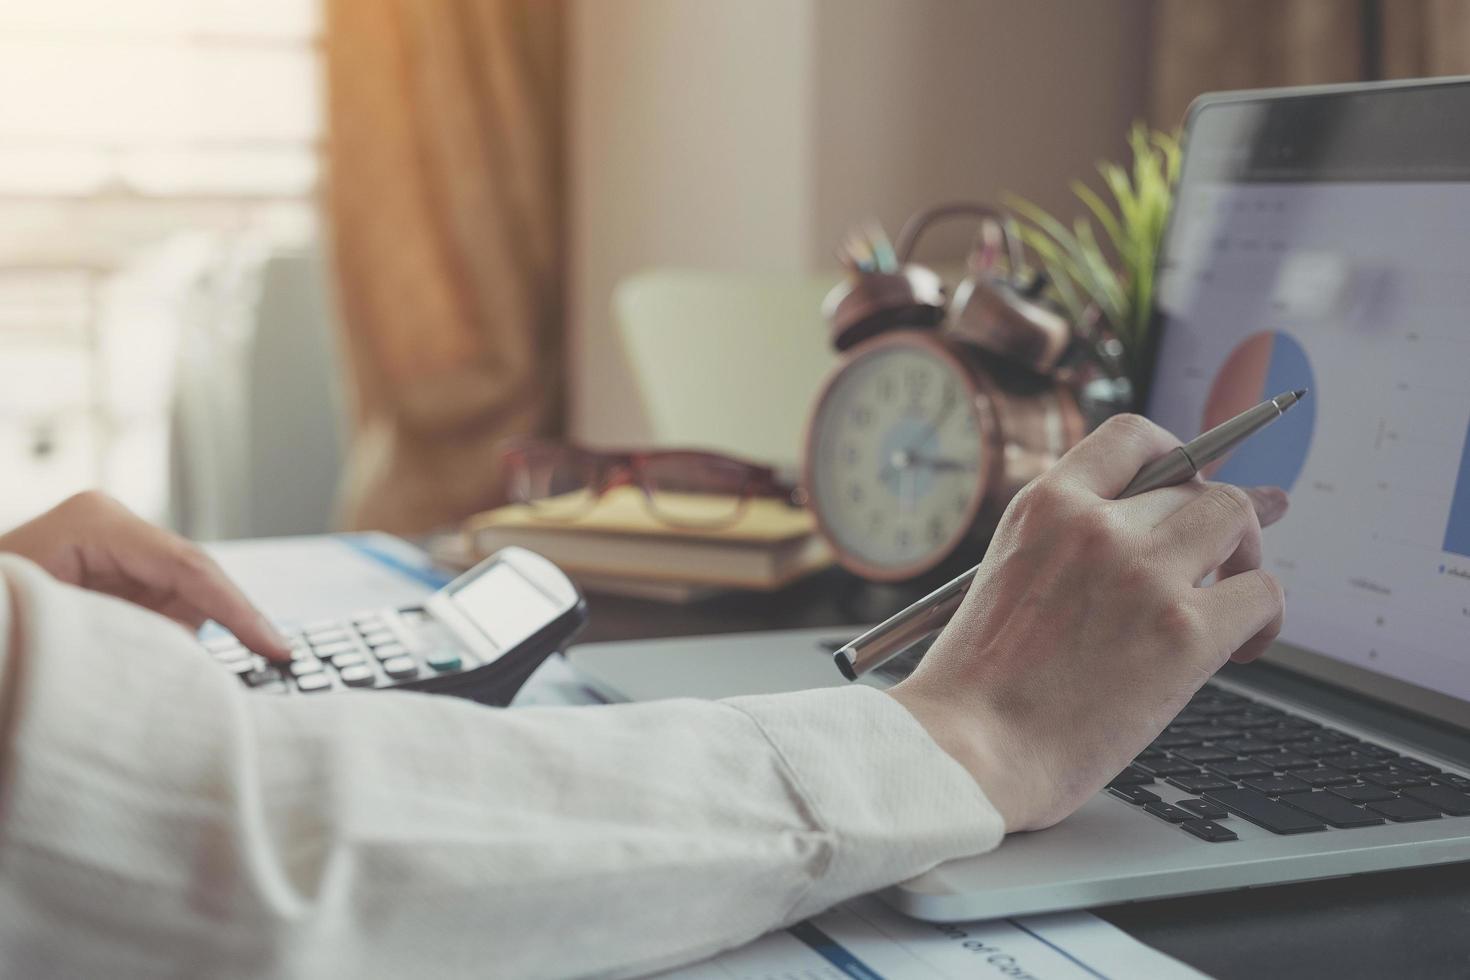 um profissional de negócios trabalhando no laptop no escritório em casa foto